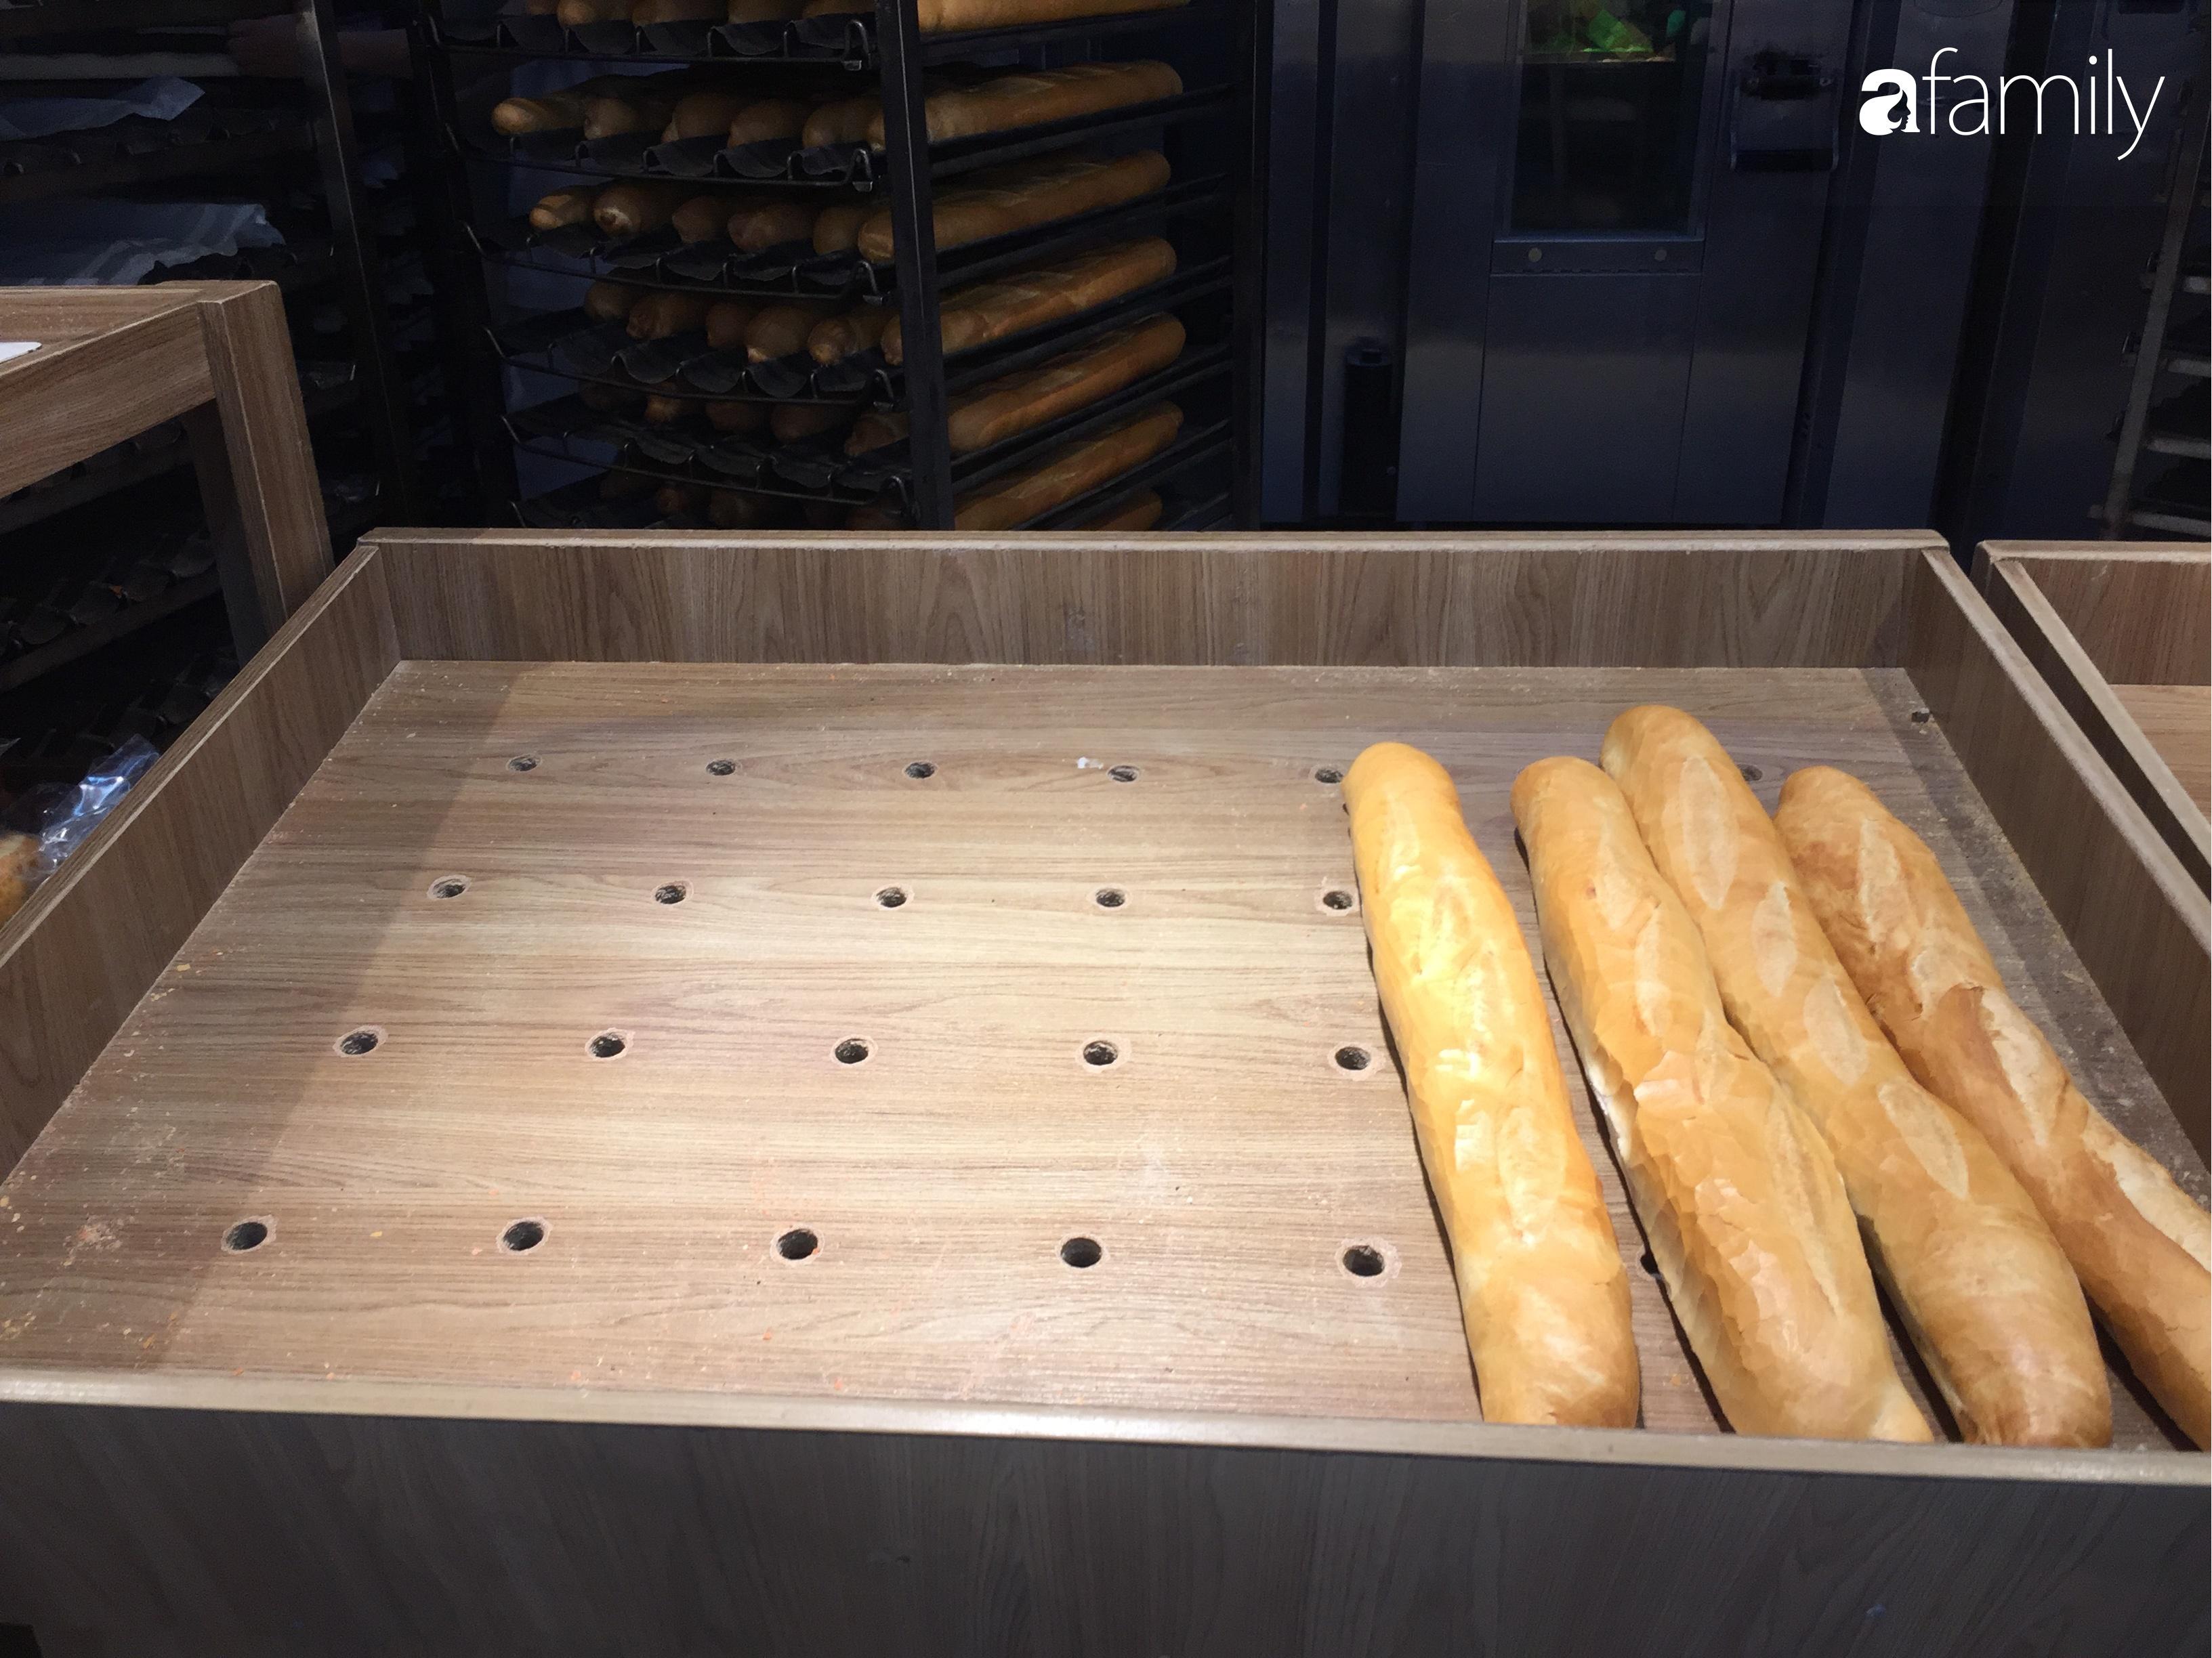 Hà Nội: Người tiêu dùng đổ xô đi mua bánh mì thanh long do hương vị giòn xốp ngậy mà giá rẻ chỉ bằng 1/3 bánh mì truyền thống - Ảnh 7.